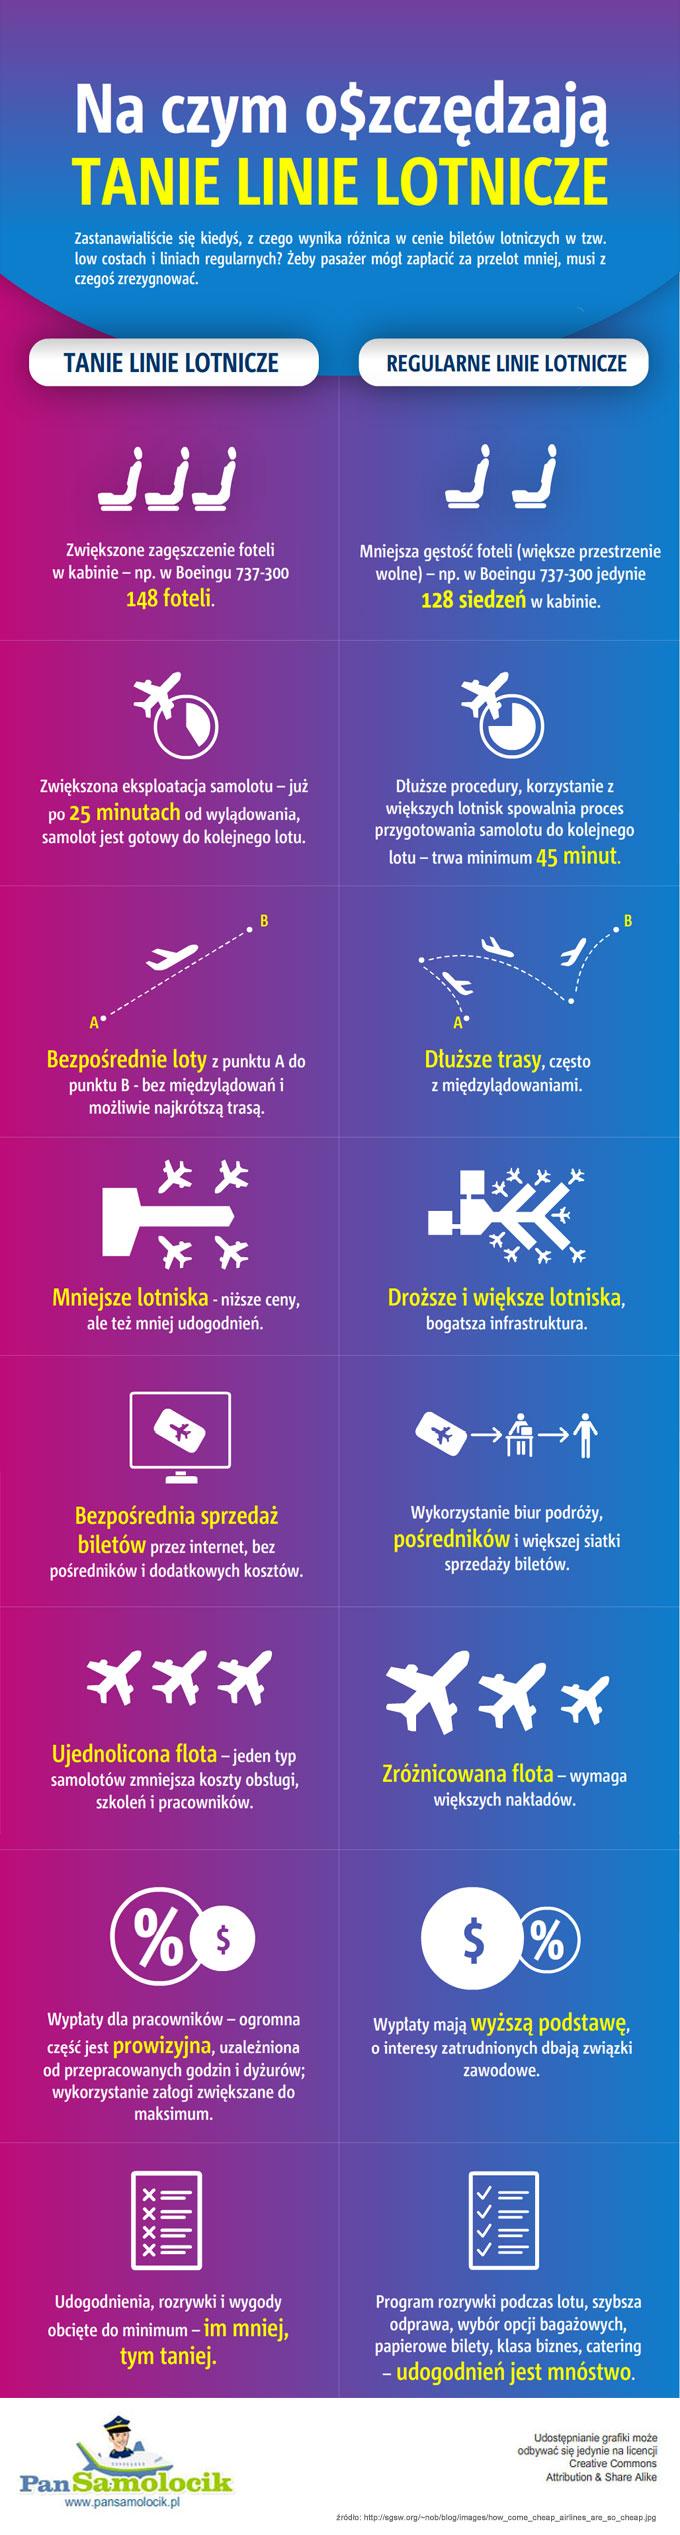 Infografika na czym oszczedzaja tanie linie lotnicze